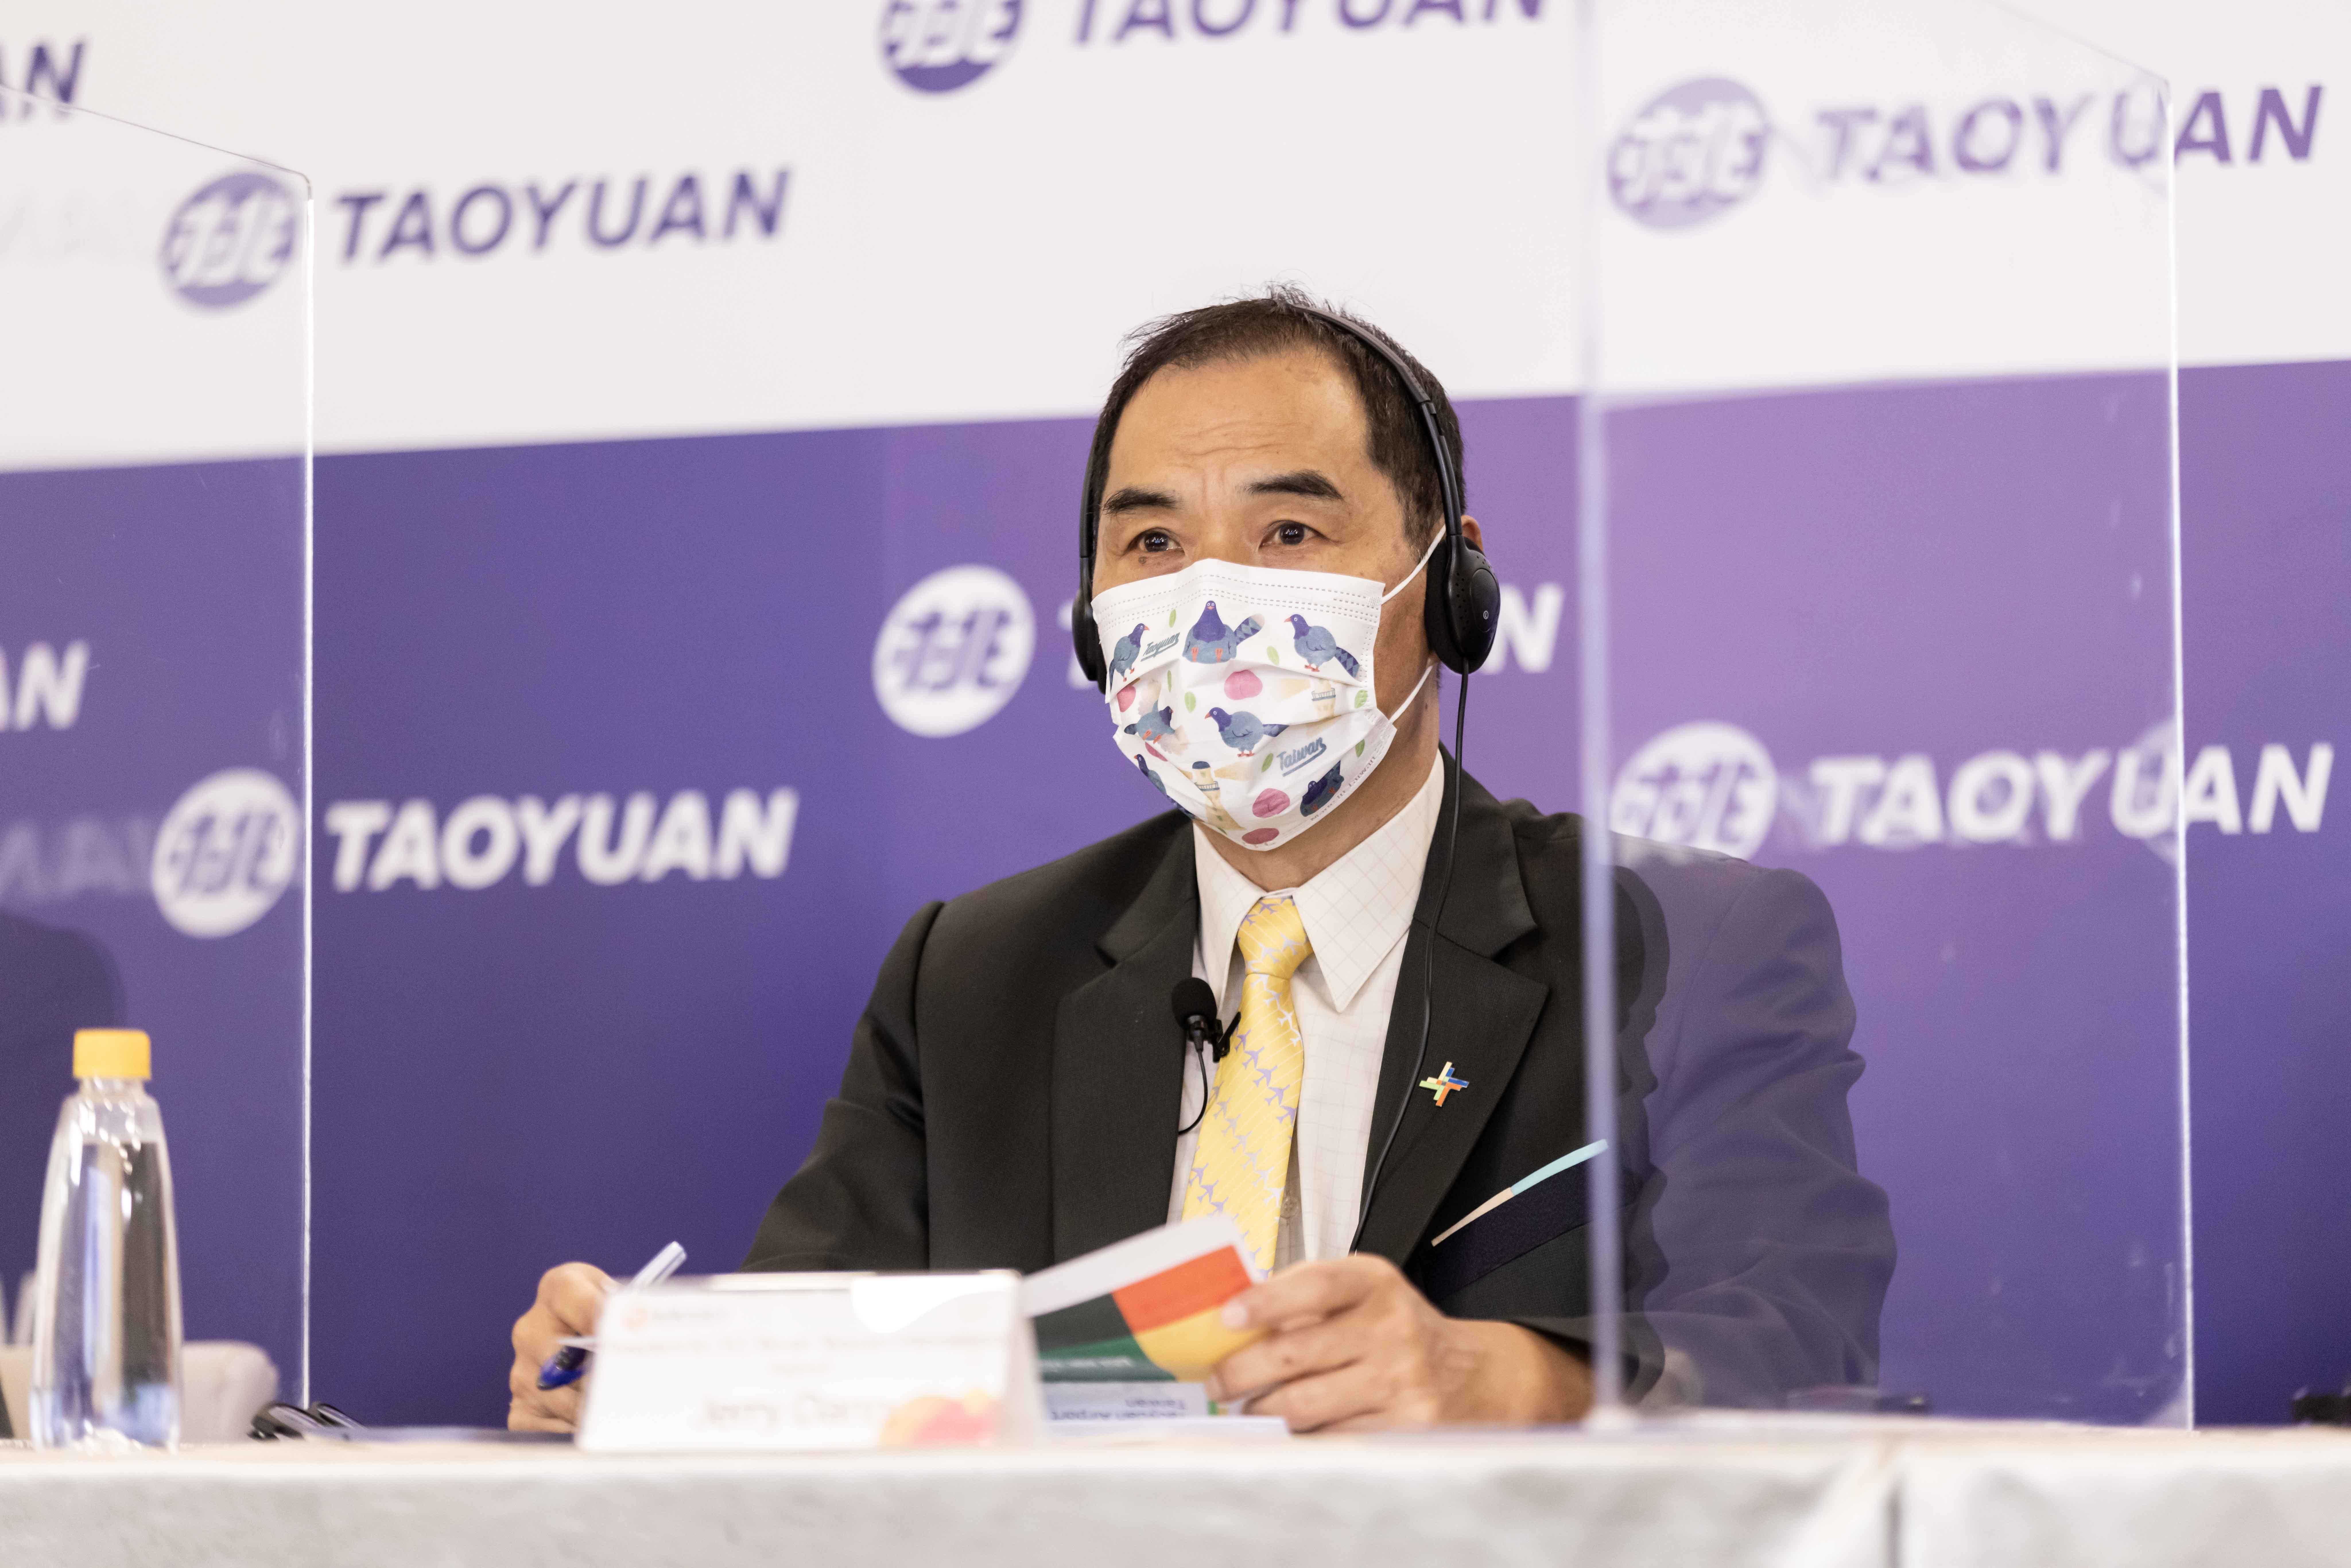 桃園機場公司總經理但昭璧表示,桃園國際機場是台灣對外的空運門戶,須兼顧旅客和貨物運輸,更是全球重要的航空器維修基地